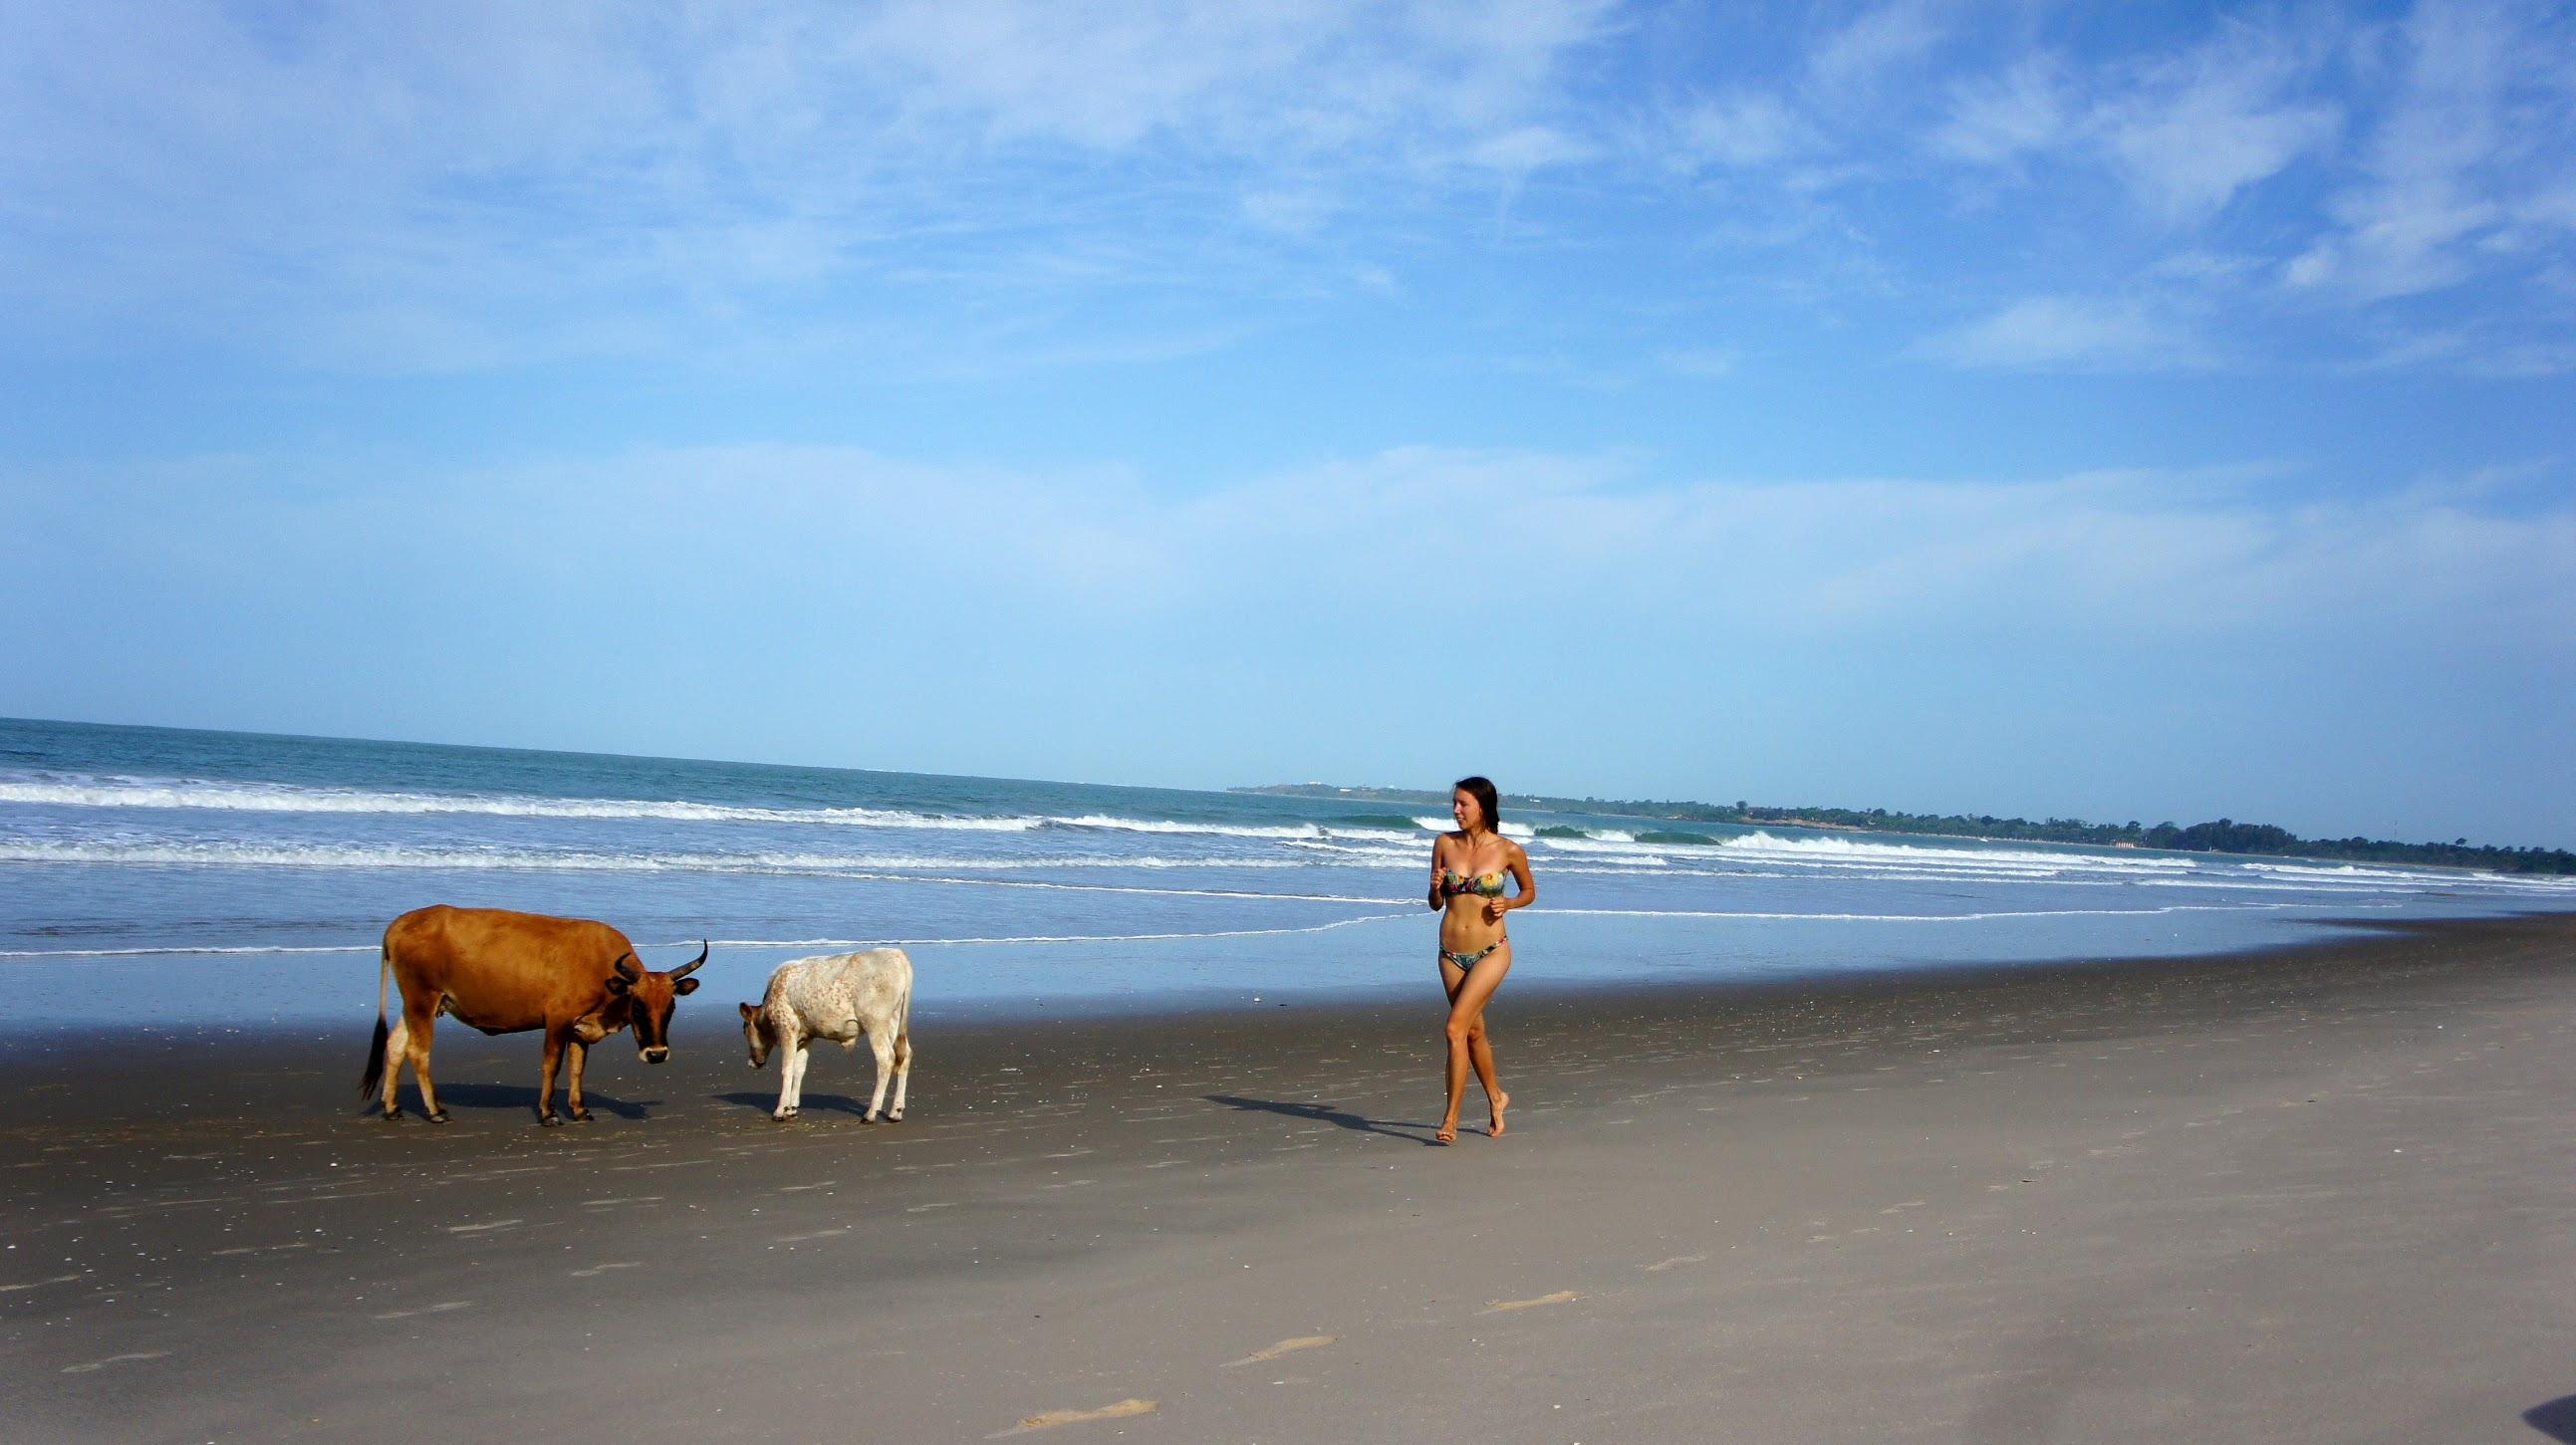 Фото с деревенского пляжа 11 фотография